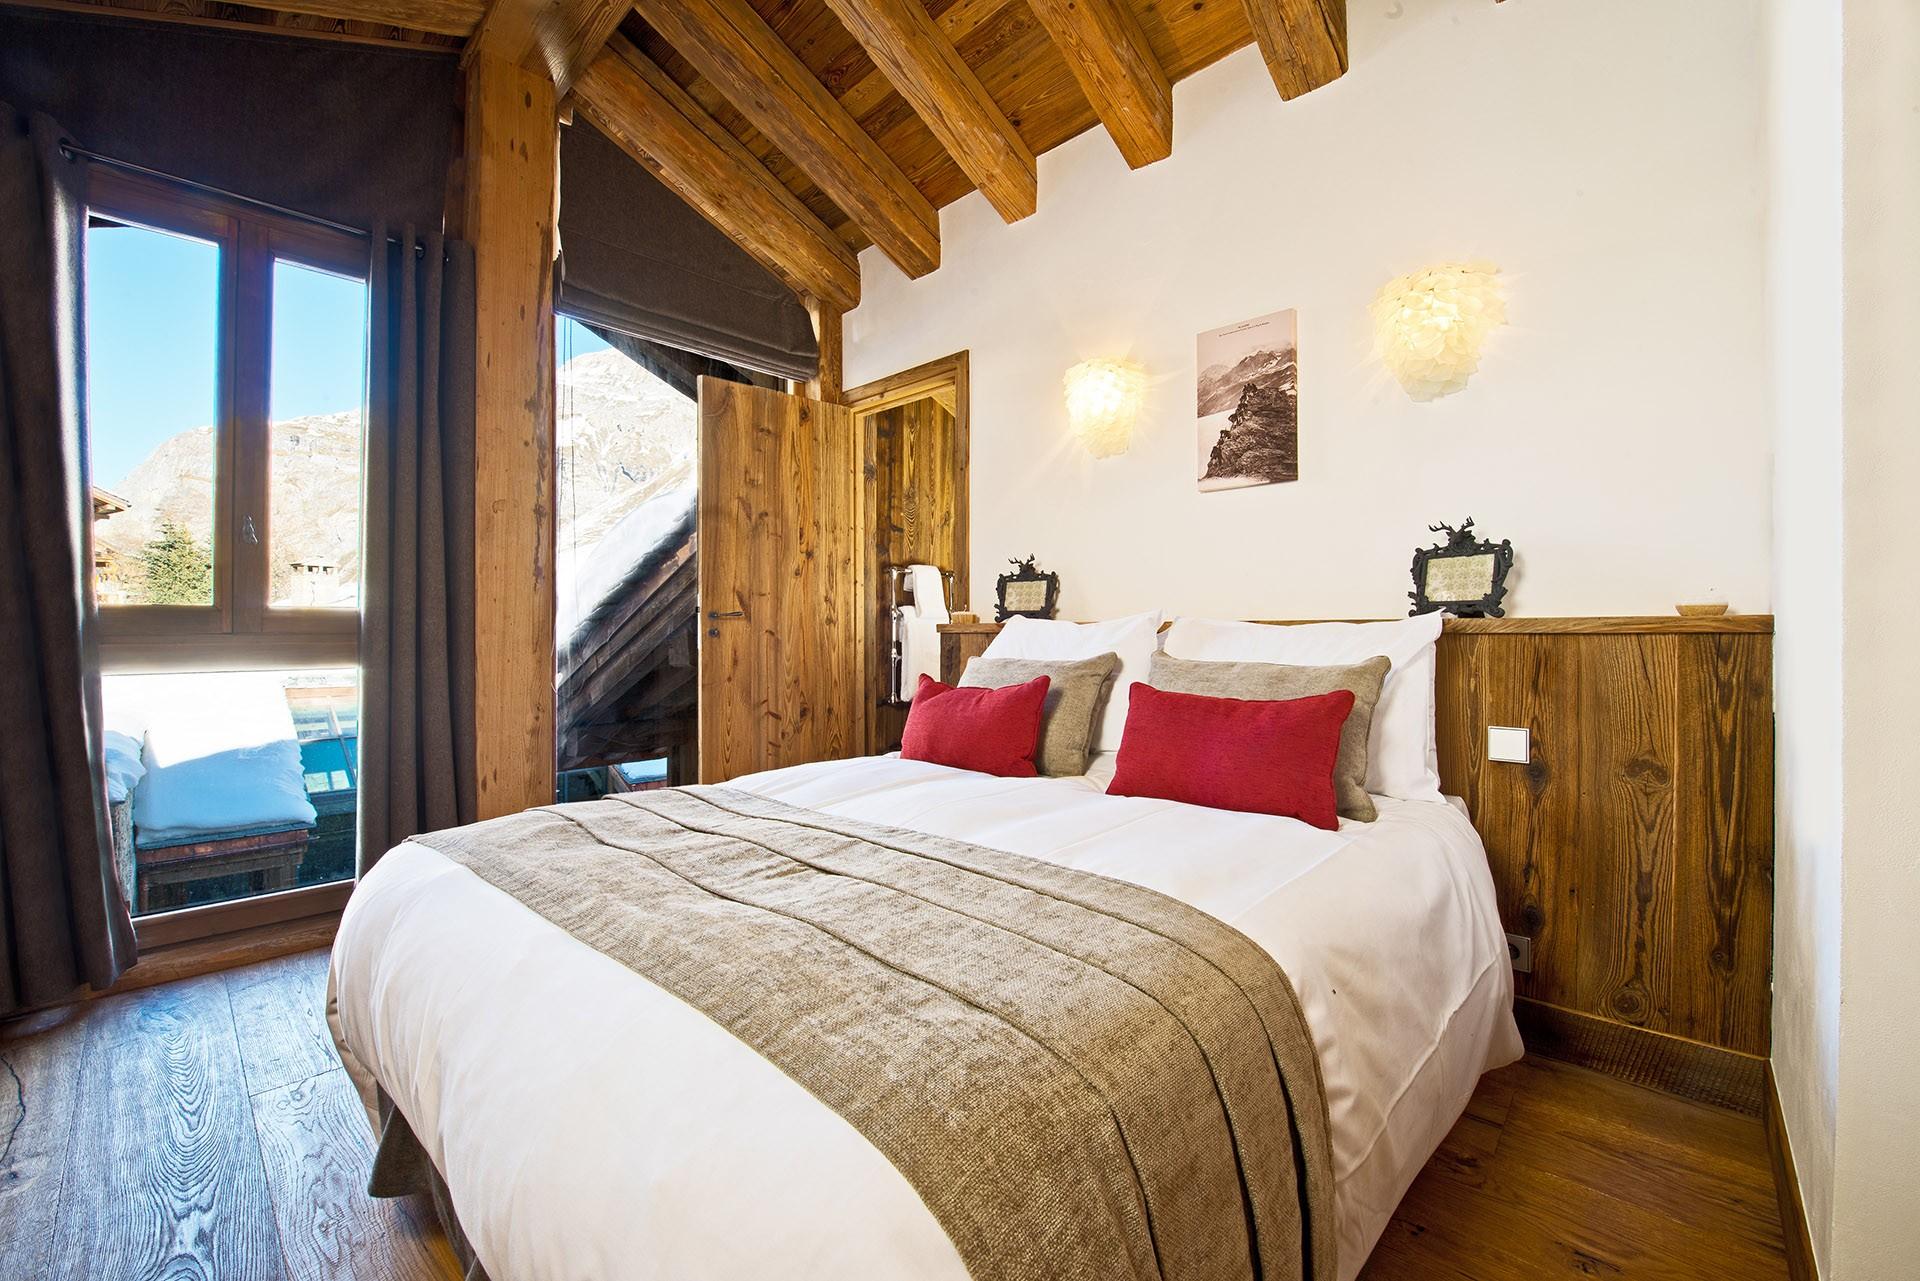 Val D'Isère Luxury Rental Chalet Umbite Bedroom 6